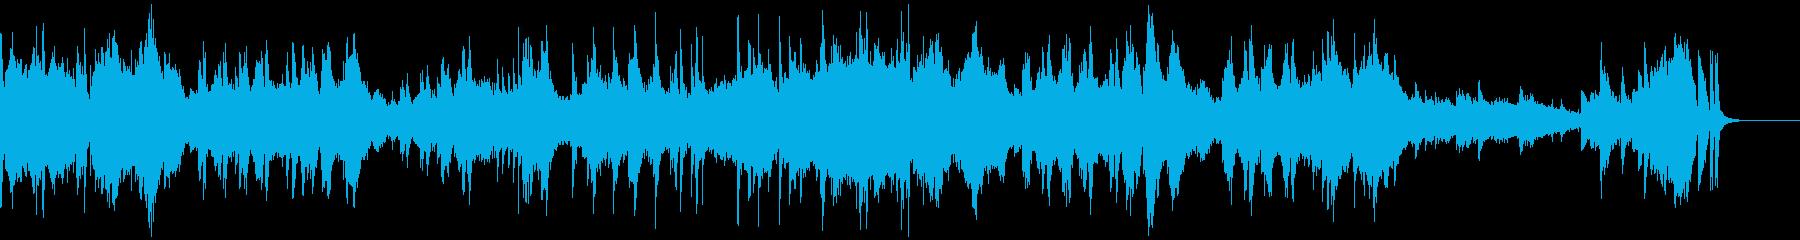 エチュード「革命」(ピアノ)の再生済みの波形